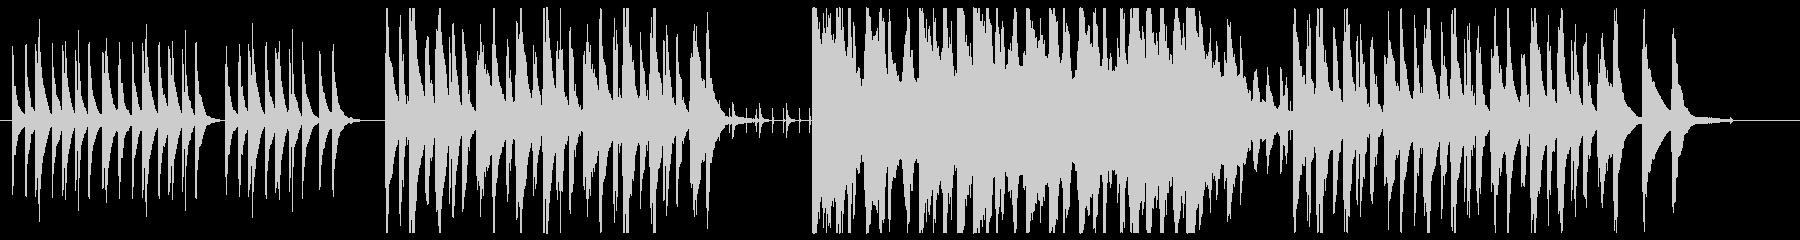 ほのぼのした日常のBGMの未再生の波形